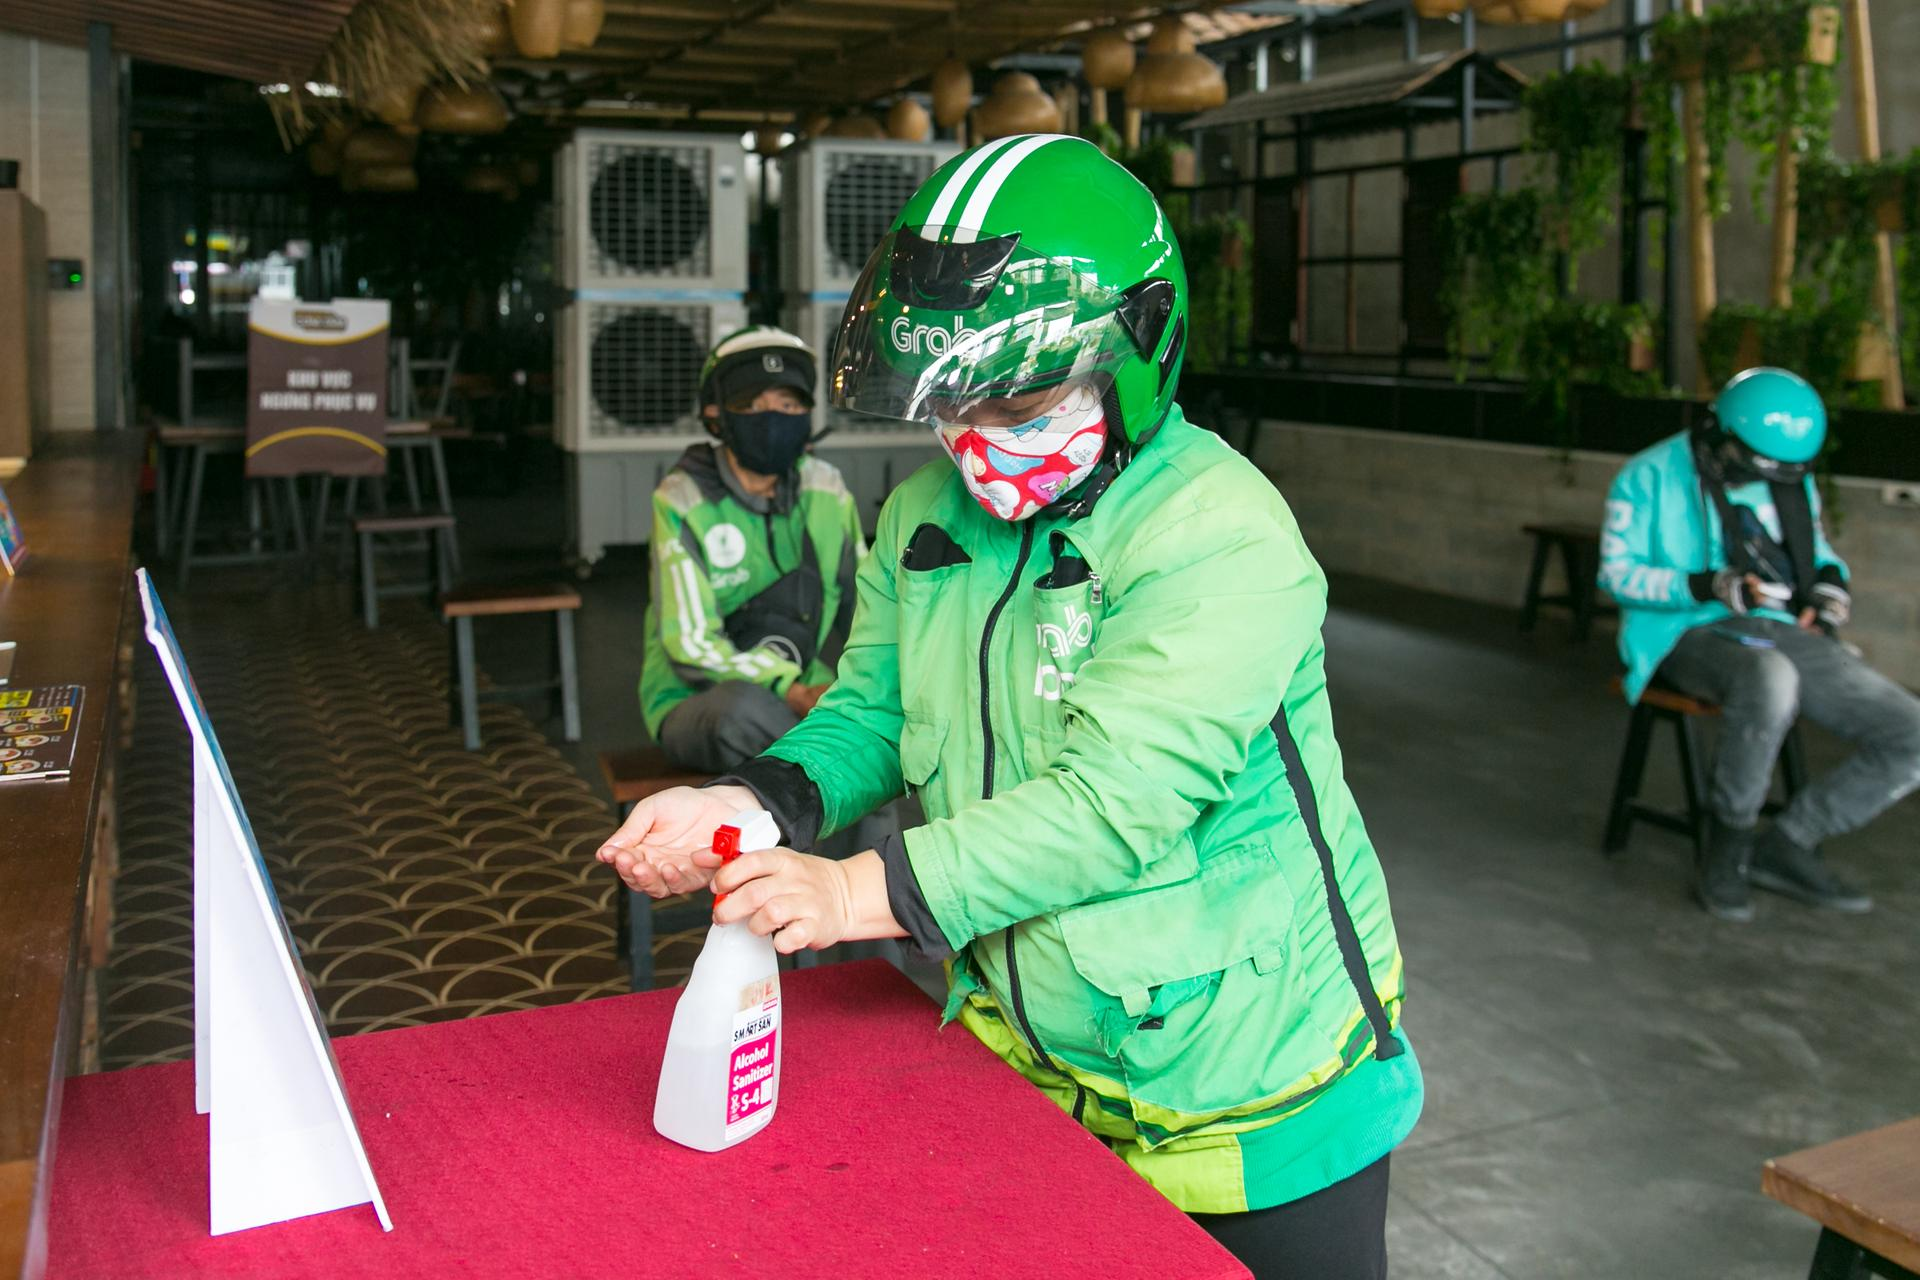 Yêu cầu Tài Xế rửa tay bằng dung dịch sát khuẩn trước khi giao tiếp với nhân viên